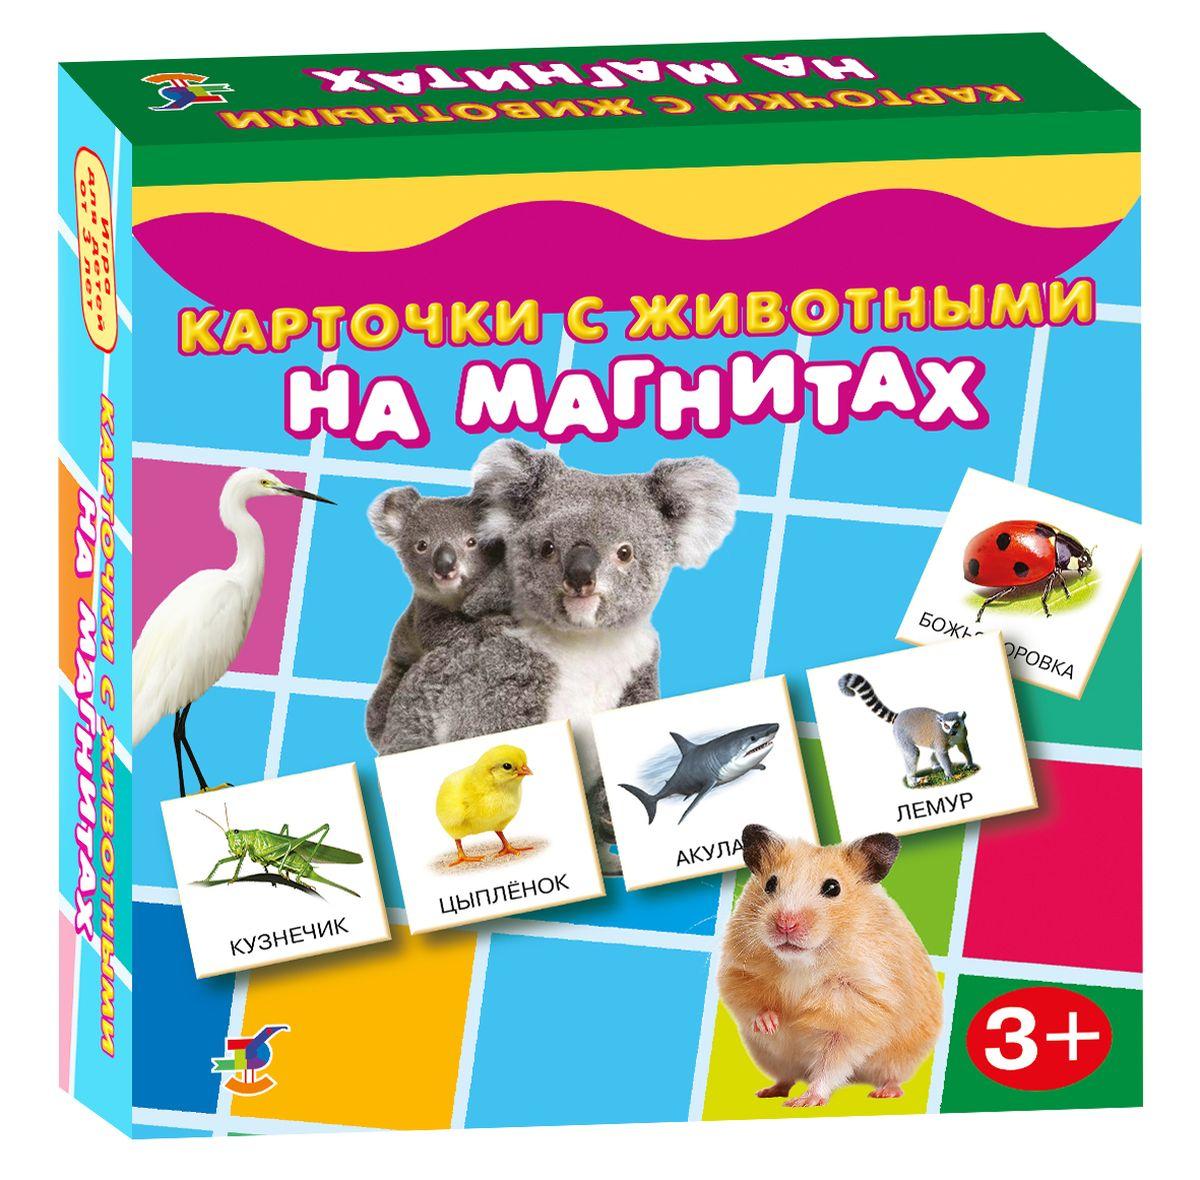 Дрофа-Медиа Карточки с животными на магнитах2906Карточки с животными представляет собой уже готовые к использованию, разрезанные карточки с приклеенными сзади магнитами, которые можно крепить на холодильник или магнитную доску. Карточки оформлены яркими рисунками с животными и названиями. Игра предназначена для первого знакомства малыша с миром животных, она учит объединять их в группы по разным признакам: биологическим классам, среде обитания.